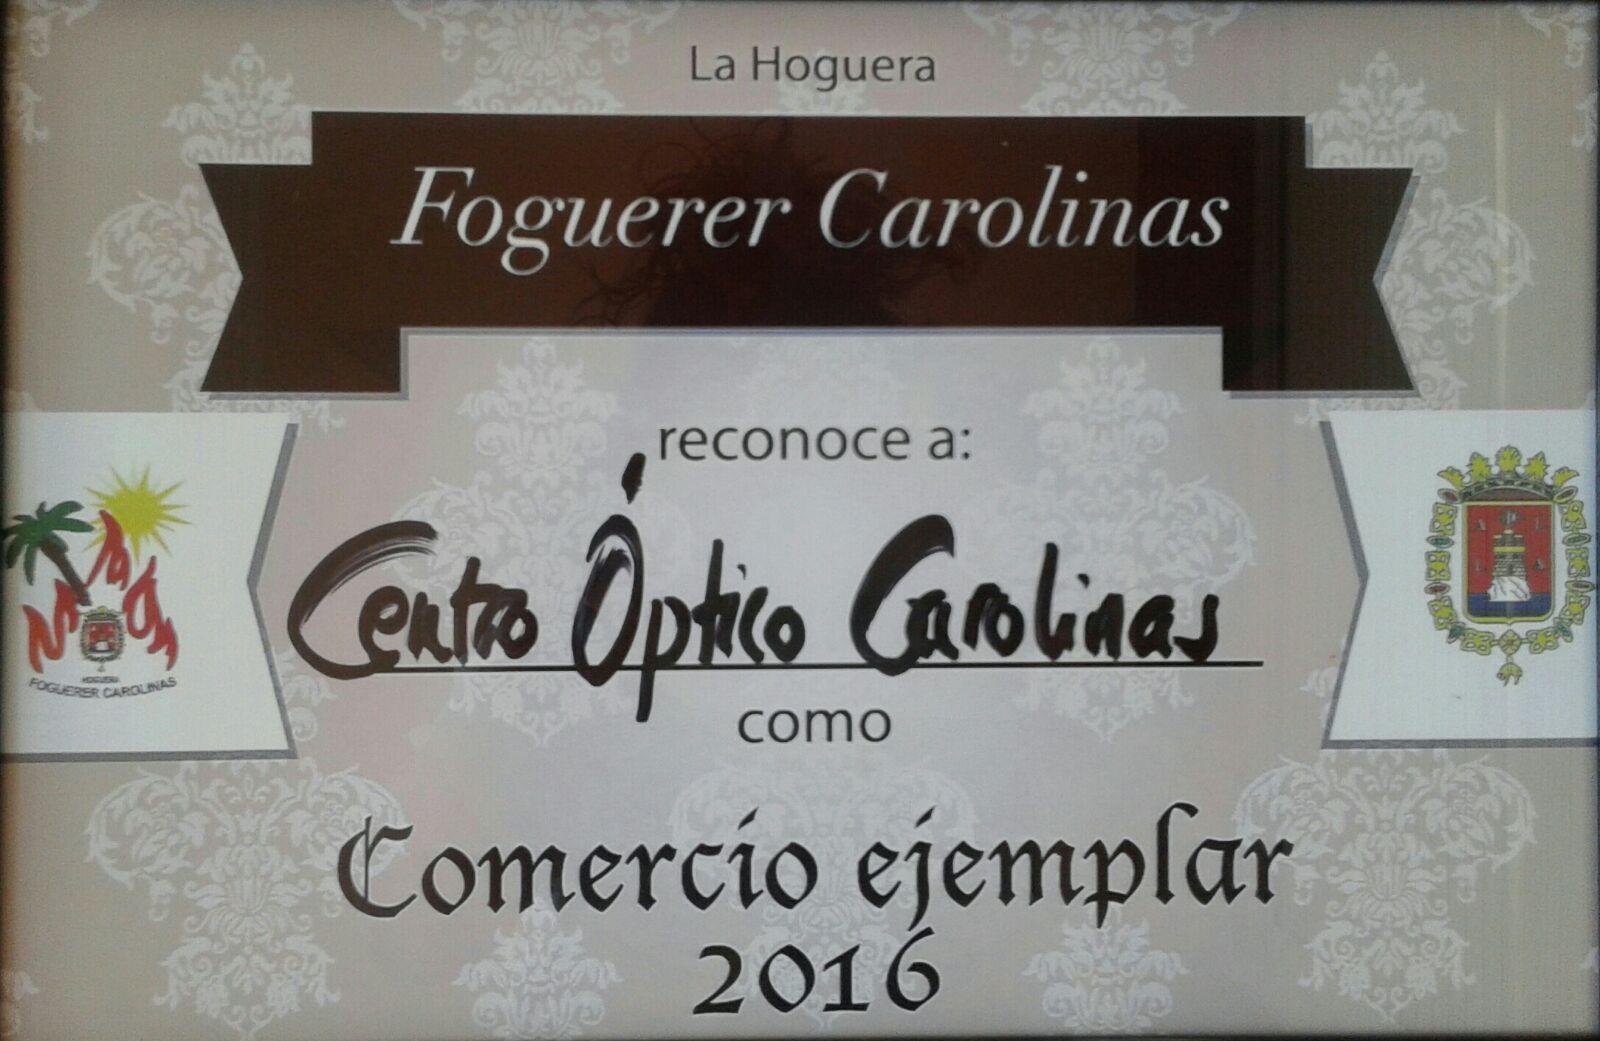 Centro Óptico Carolinas. Comercio Ejemplar 2016